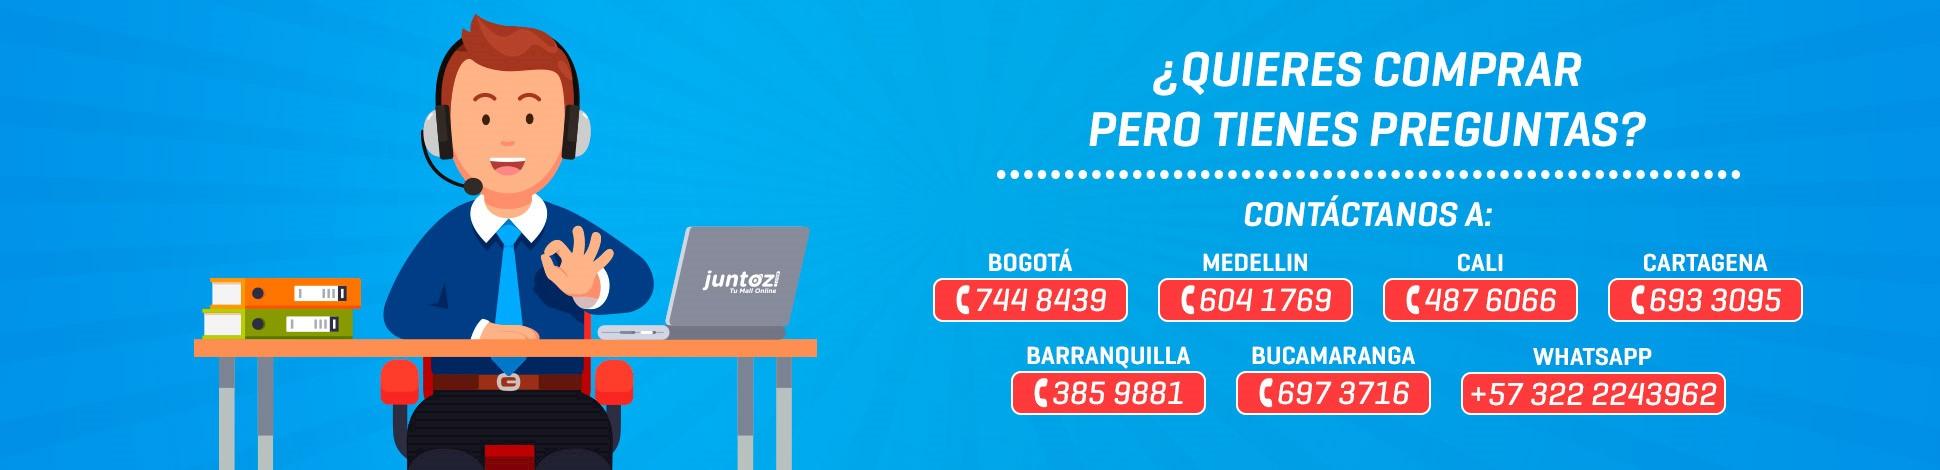 HS-ComprarPreguntas.jpg